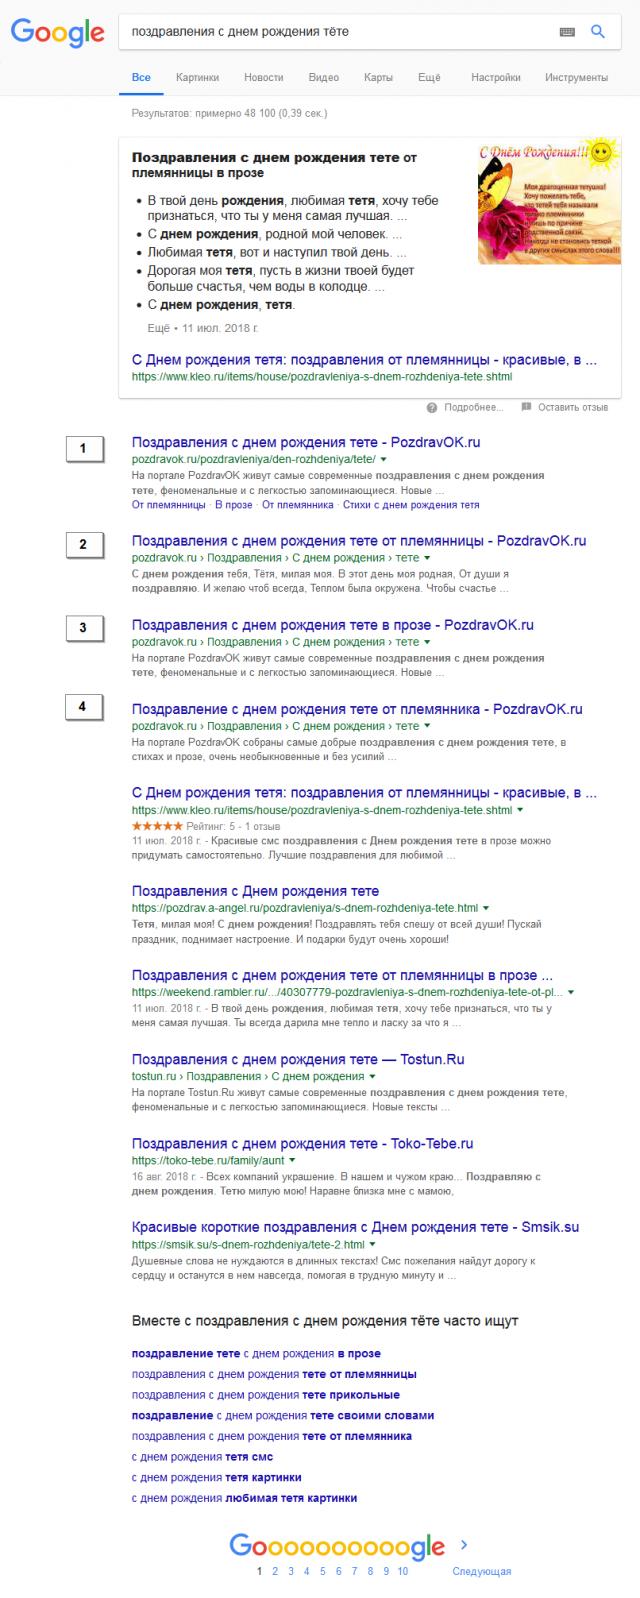 Топ 10 гугла